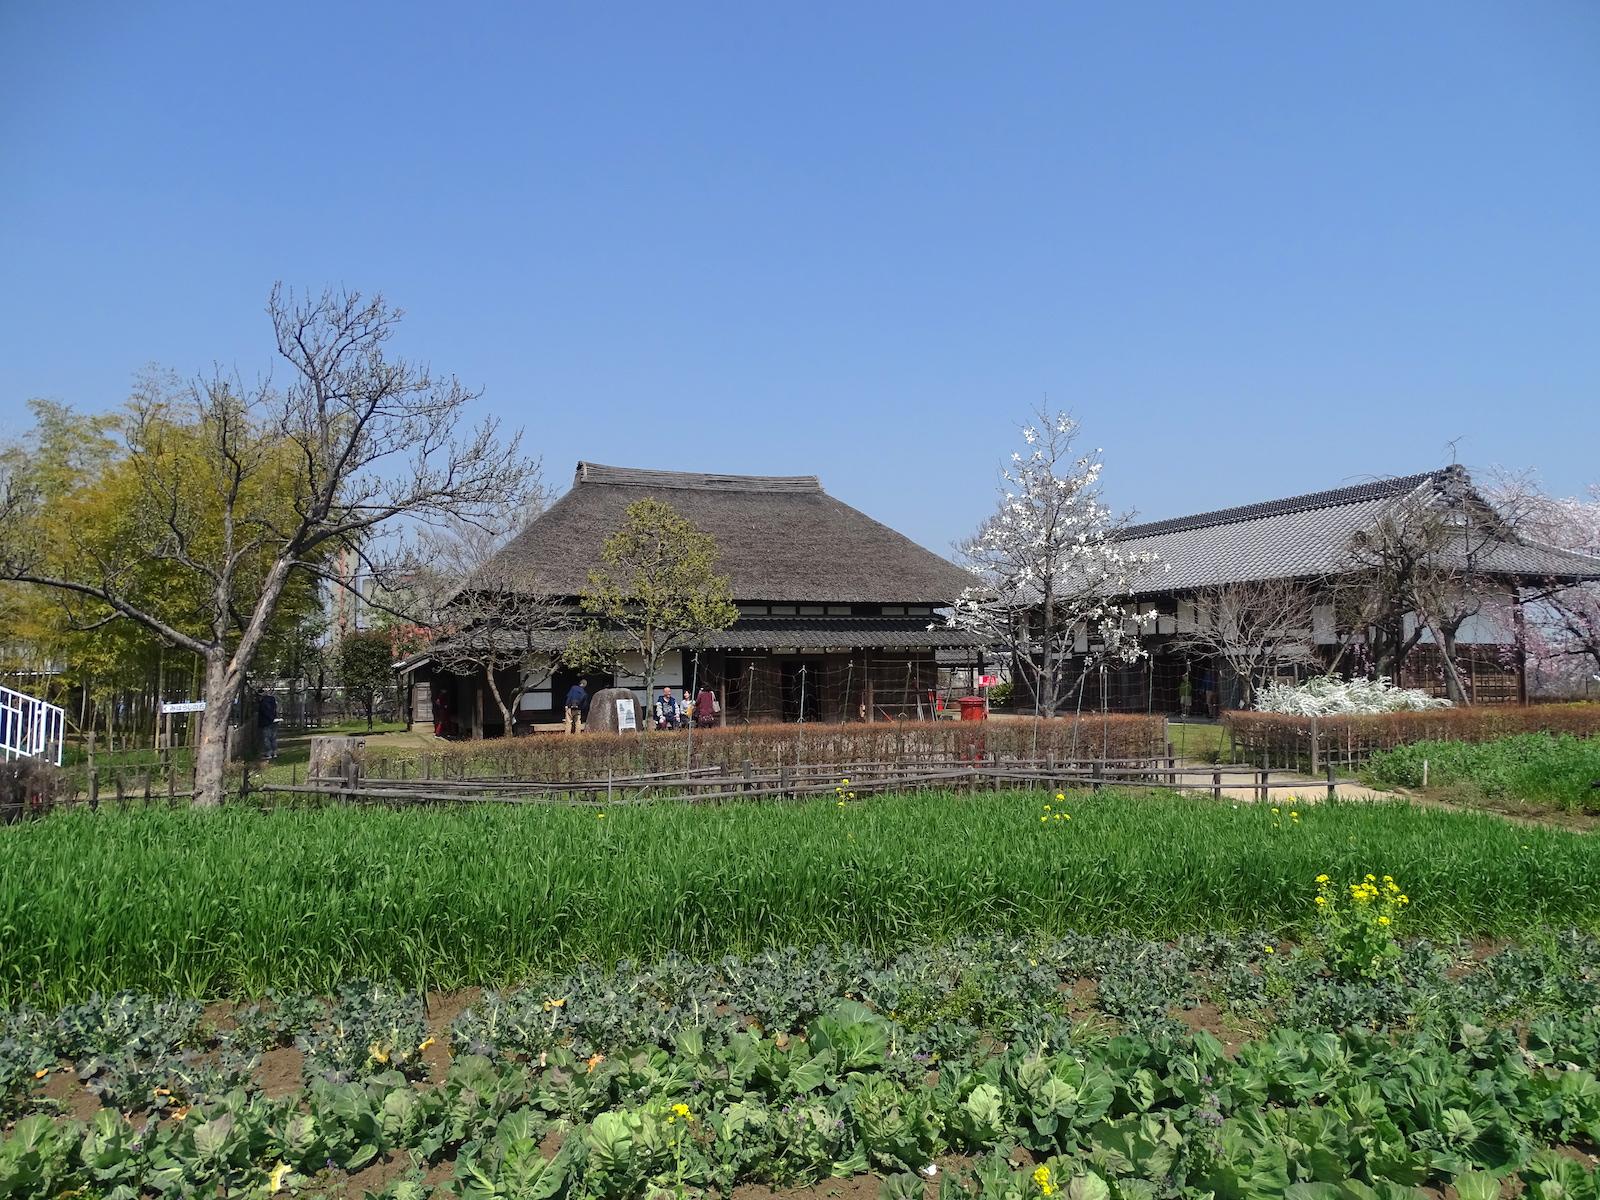 都市農業公園